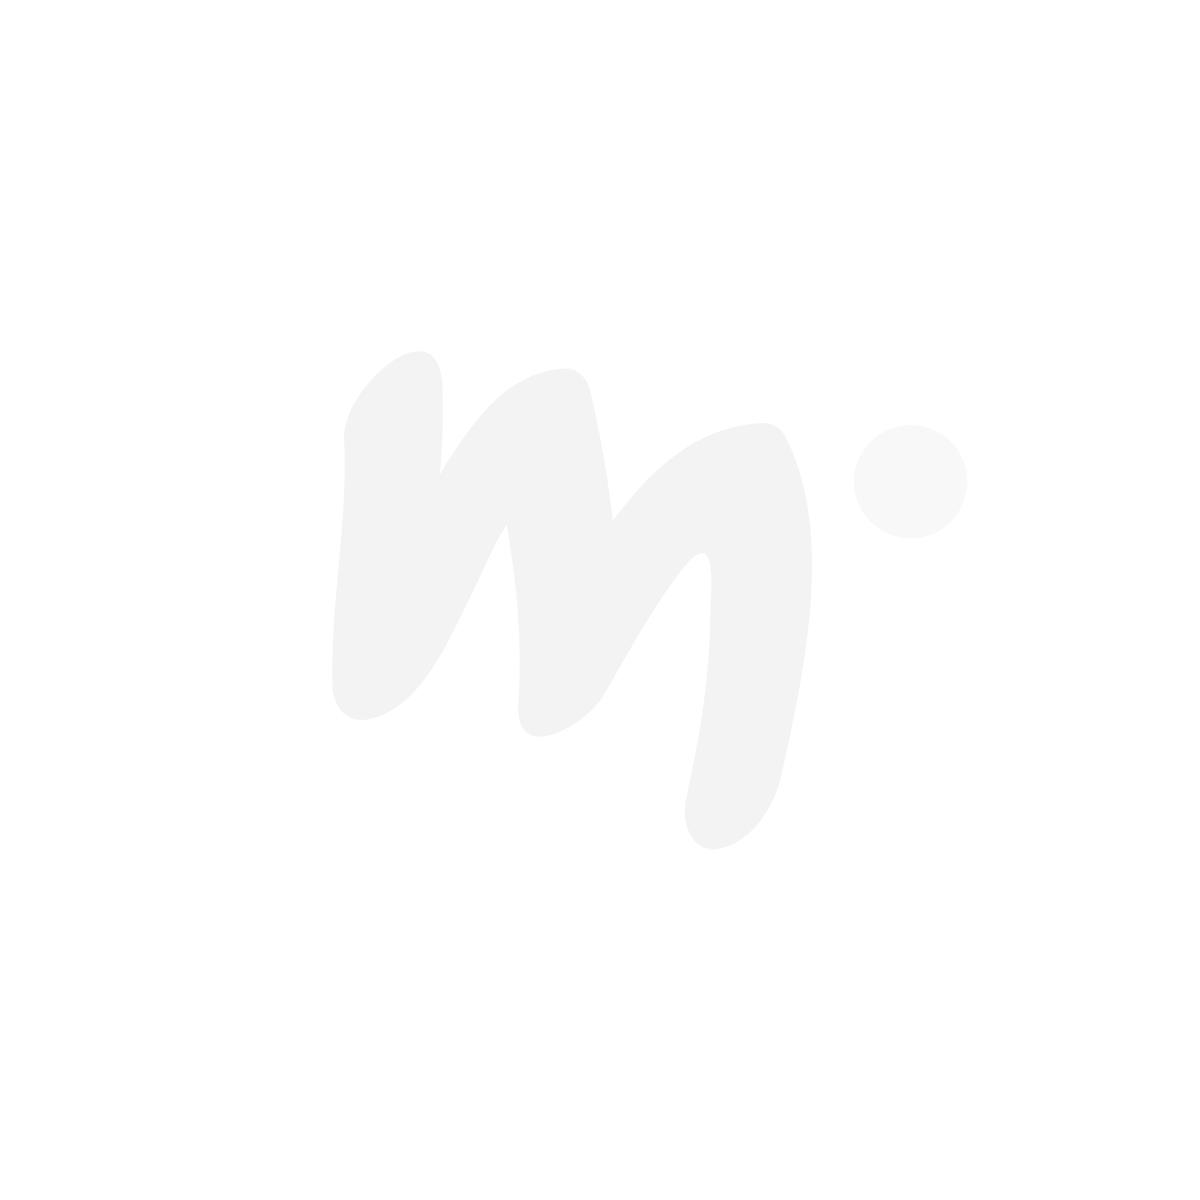 Peppi Pitkätossu Kärrynpyörä-hattu vaaleanpunainen